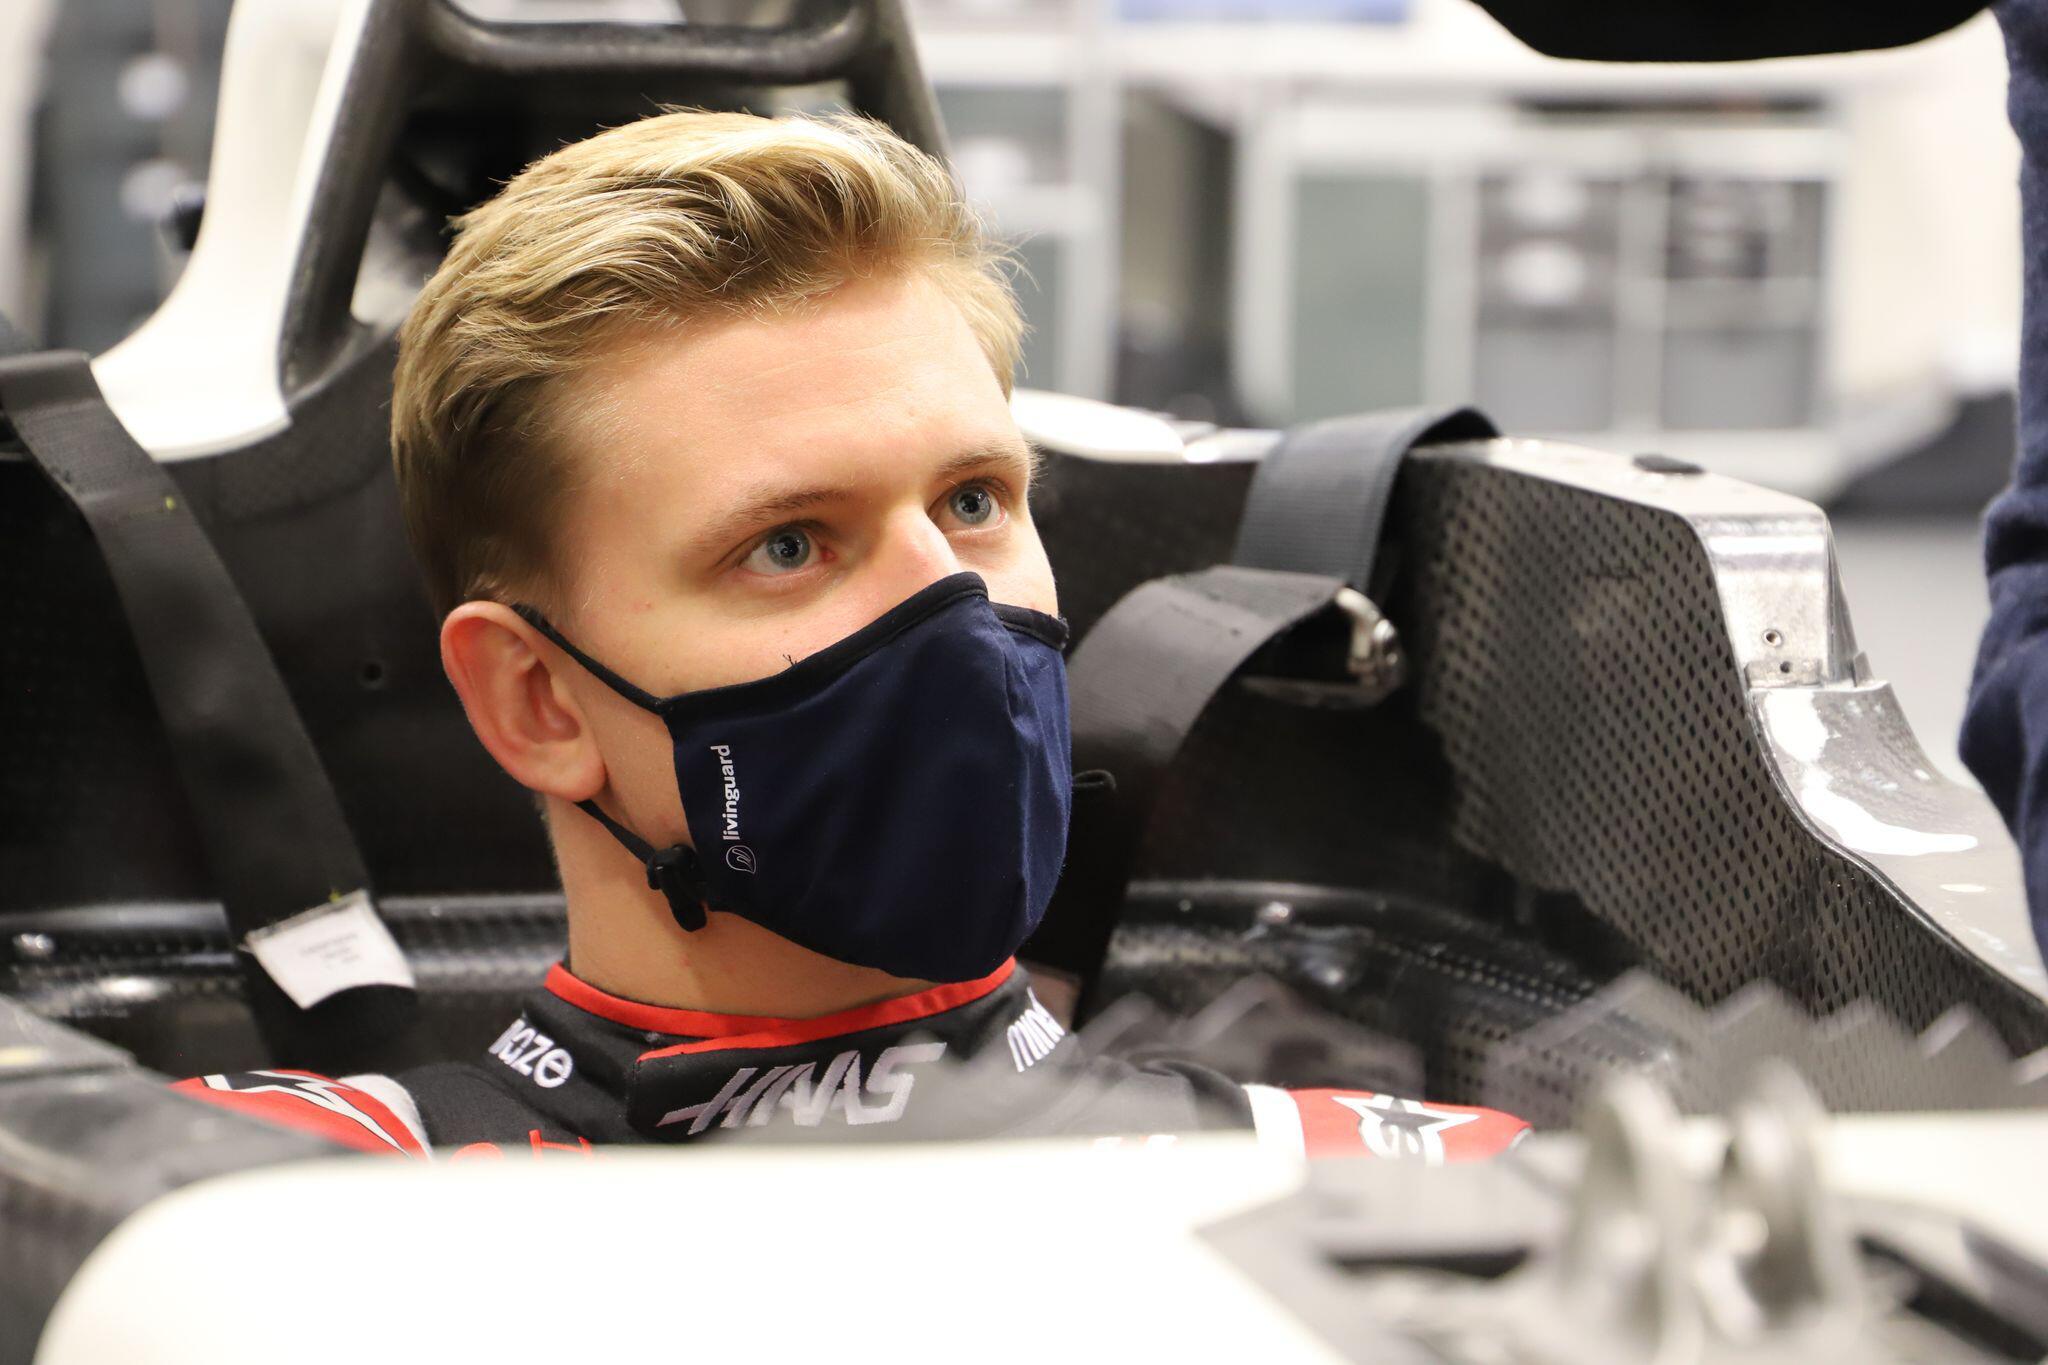 Bild zu Mick Schumacher vom Formel-1-Team Haas